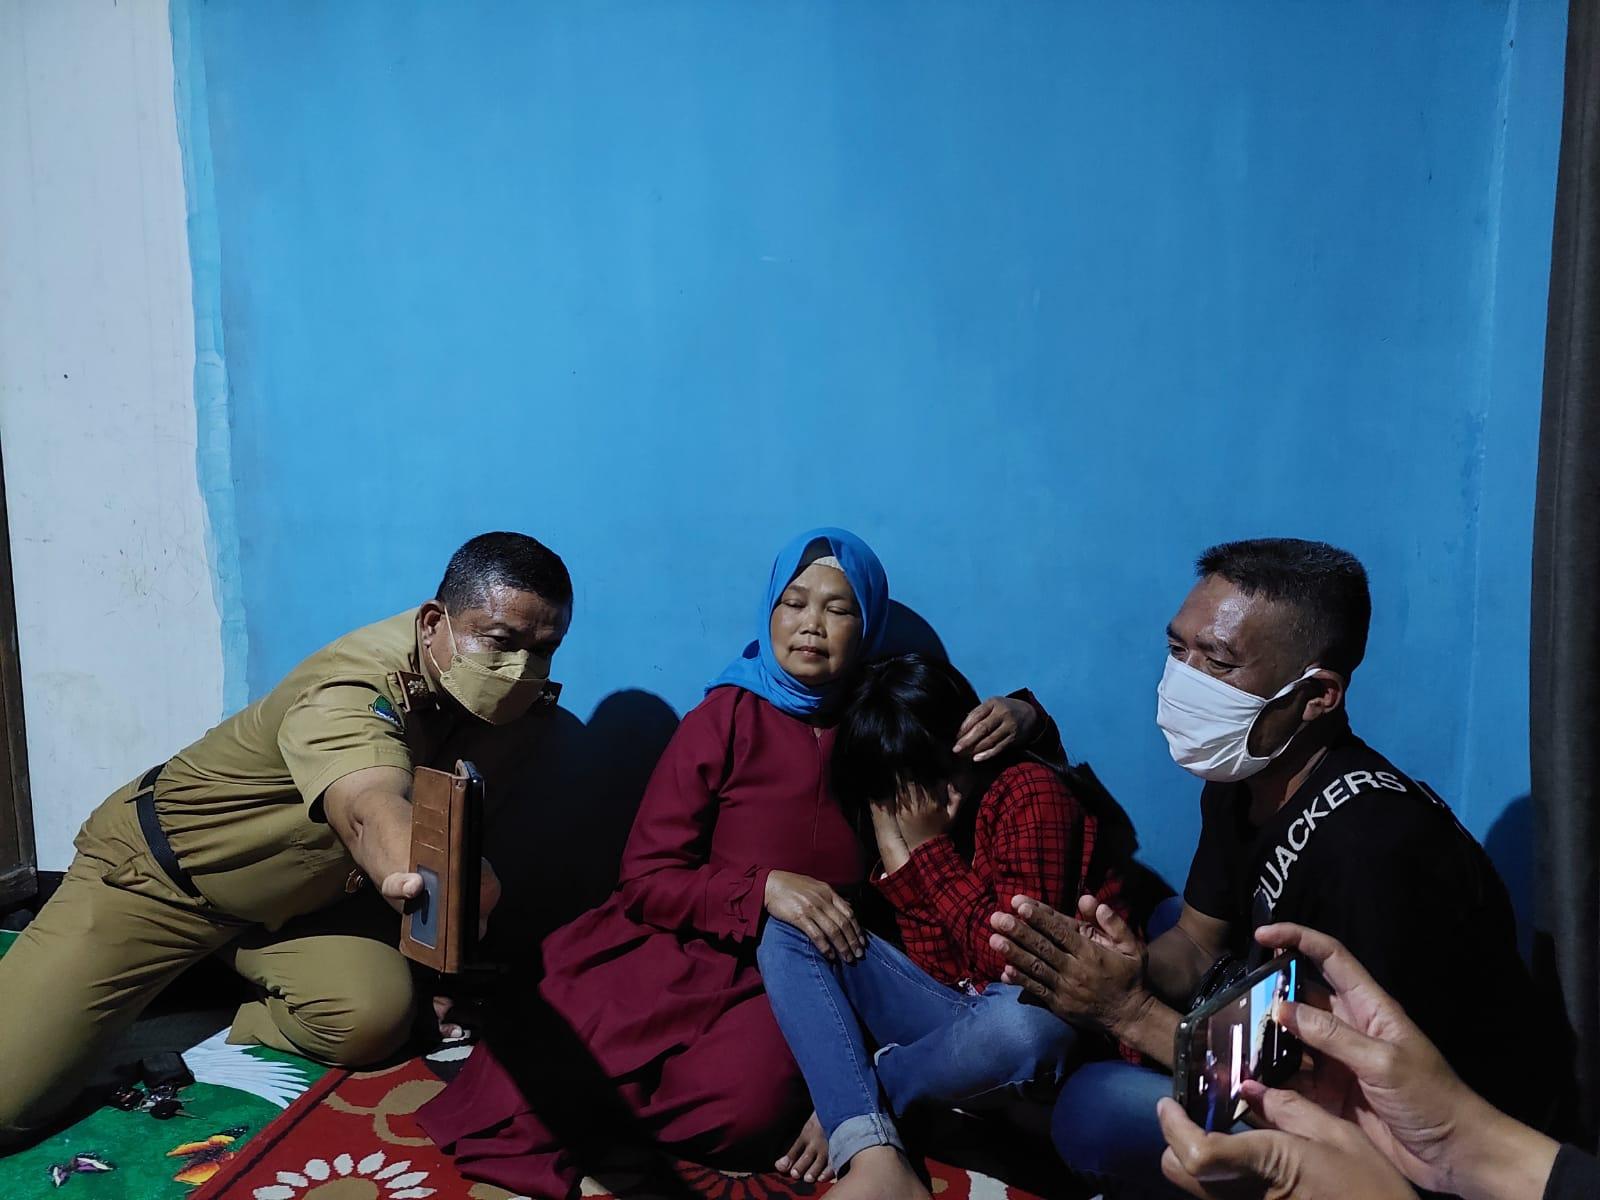 PULANG: Endik Sopandi, saat berkumpul bersama keluarga setelah dipulangkan dari Malaysia.